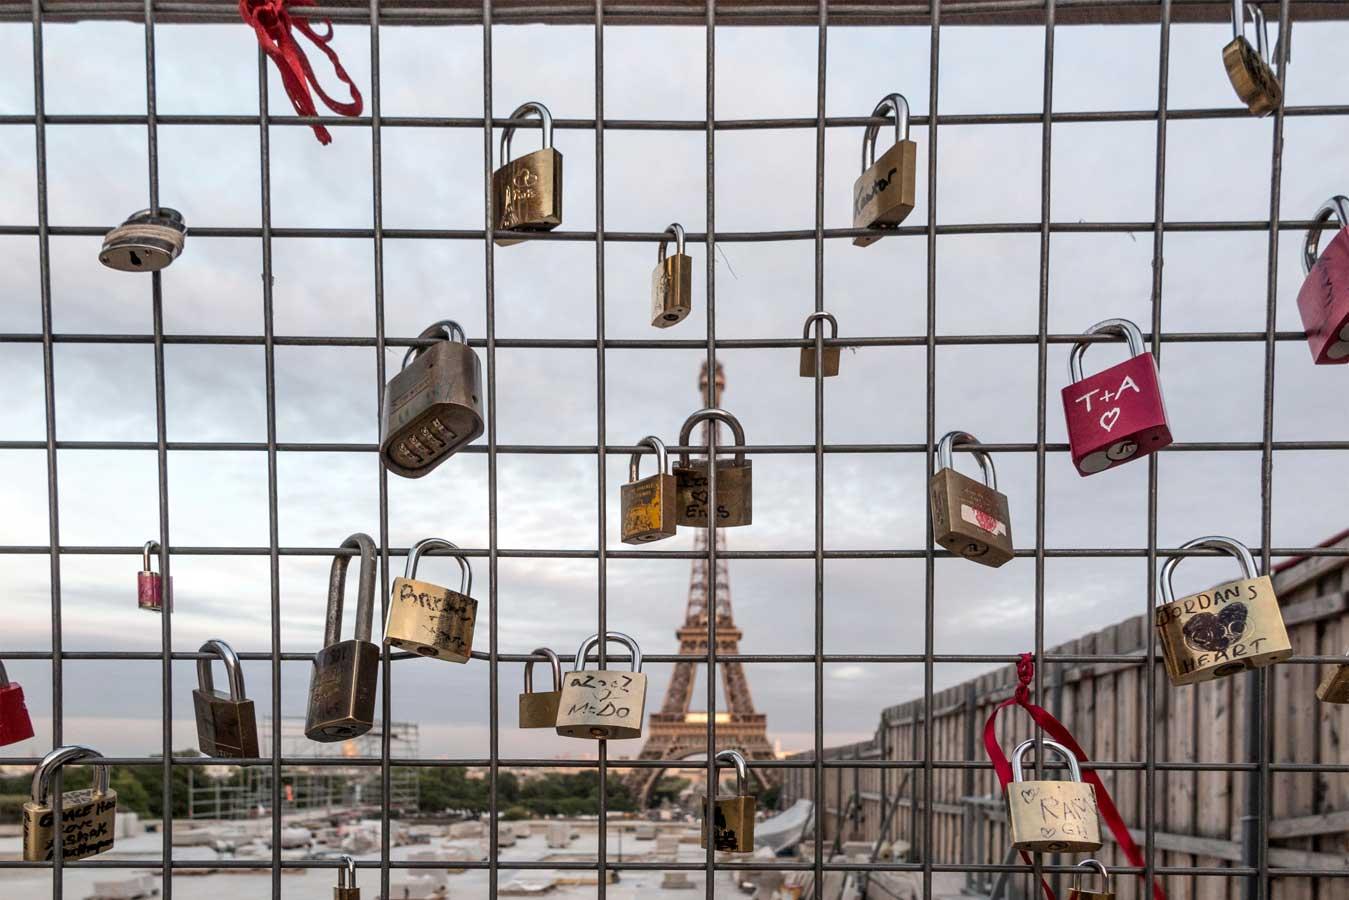 Candados atados en una valla de un puente de París